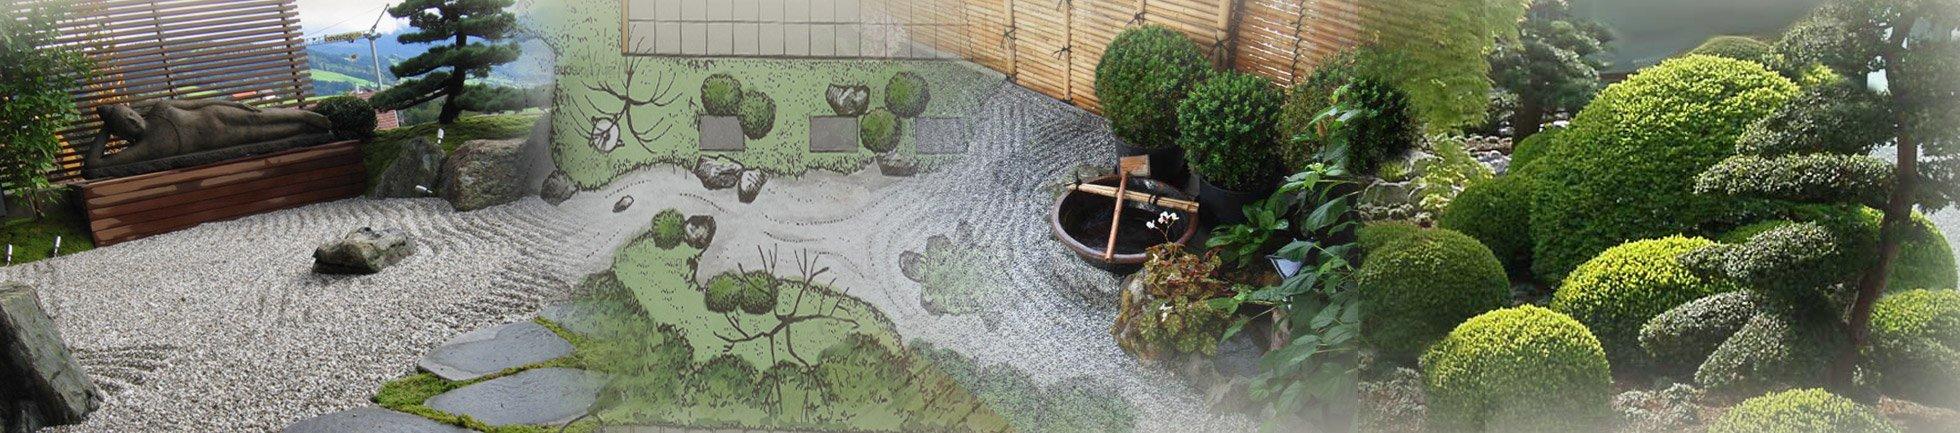 Eule Garten-und Landschaftsbau